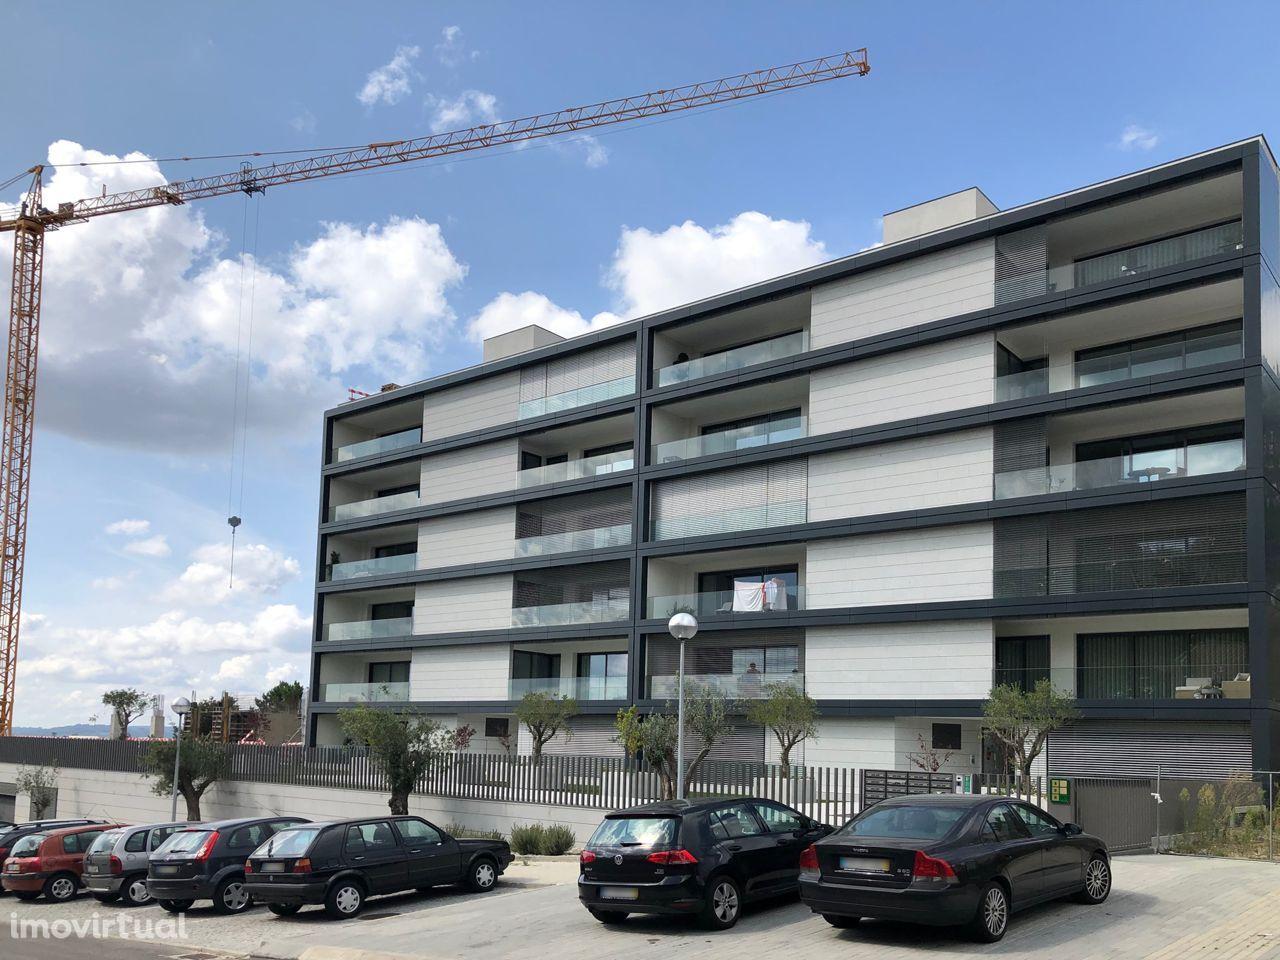 Apartamento T3 Novo em condomínio fechado com 170m2